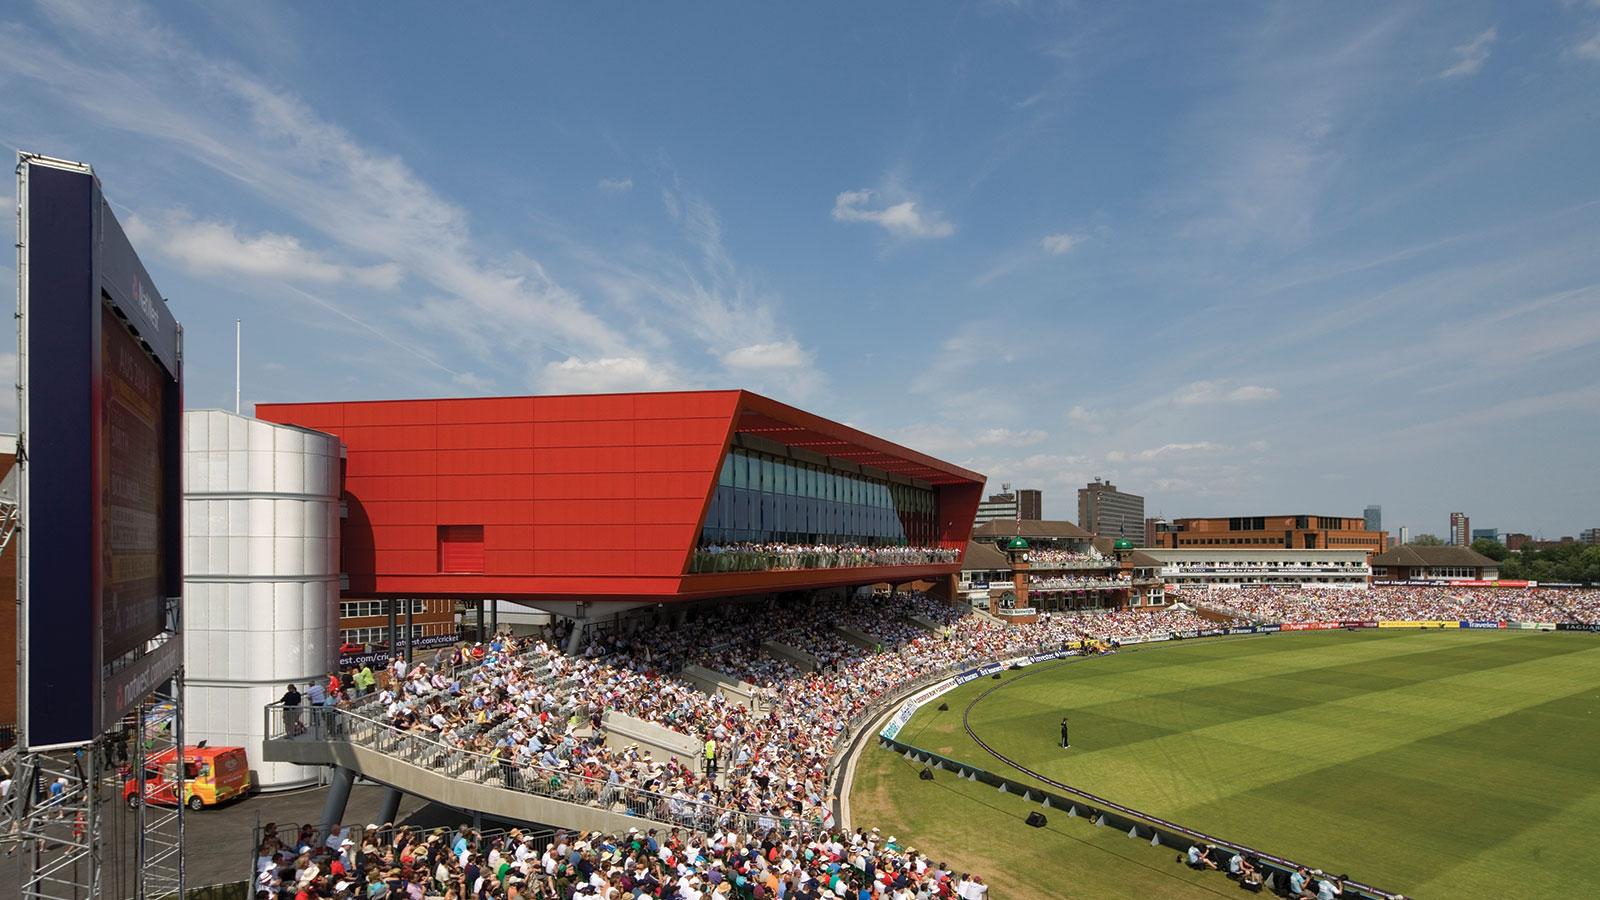 Image courtesy of Lancashire County Cricket Club